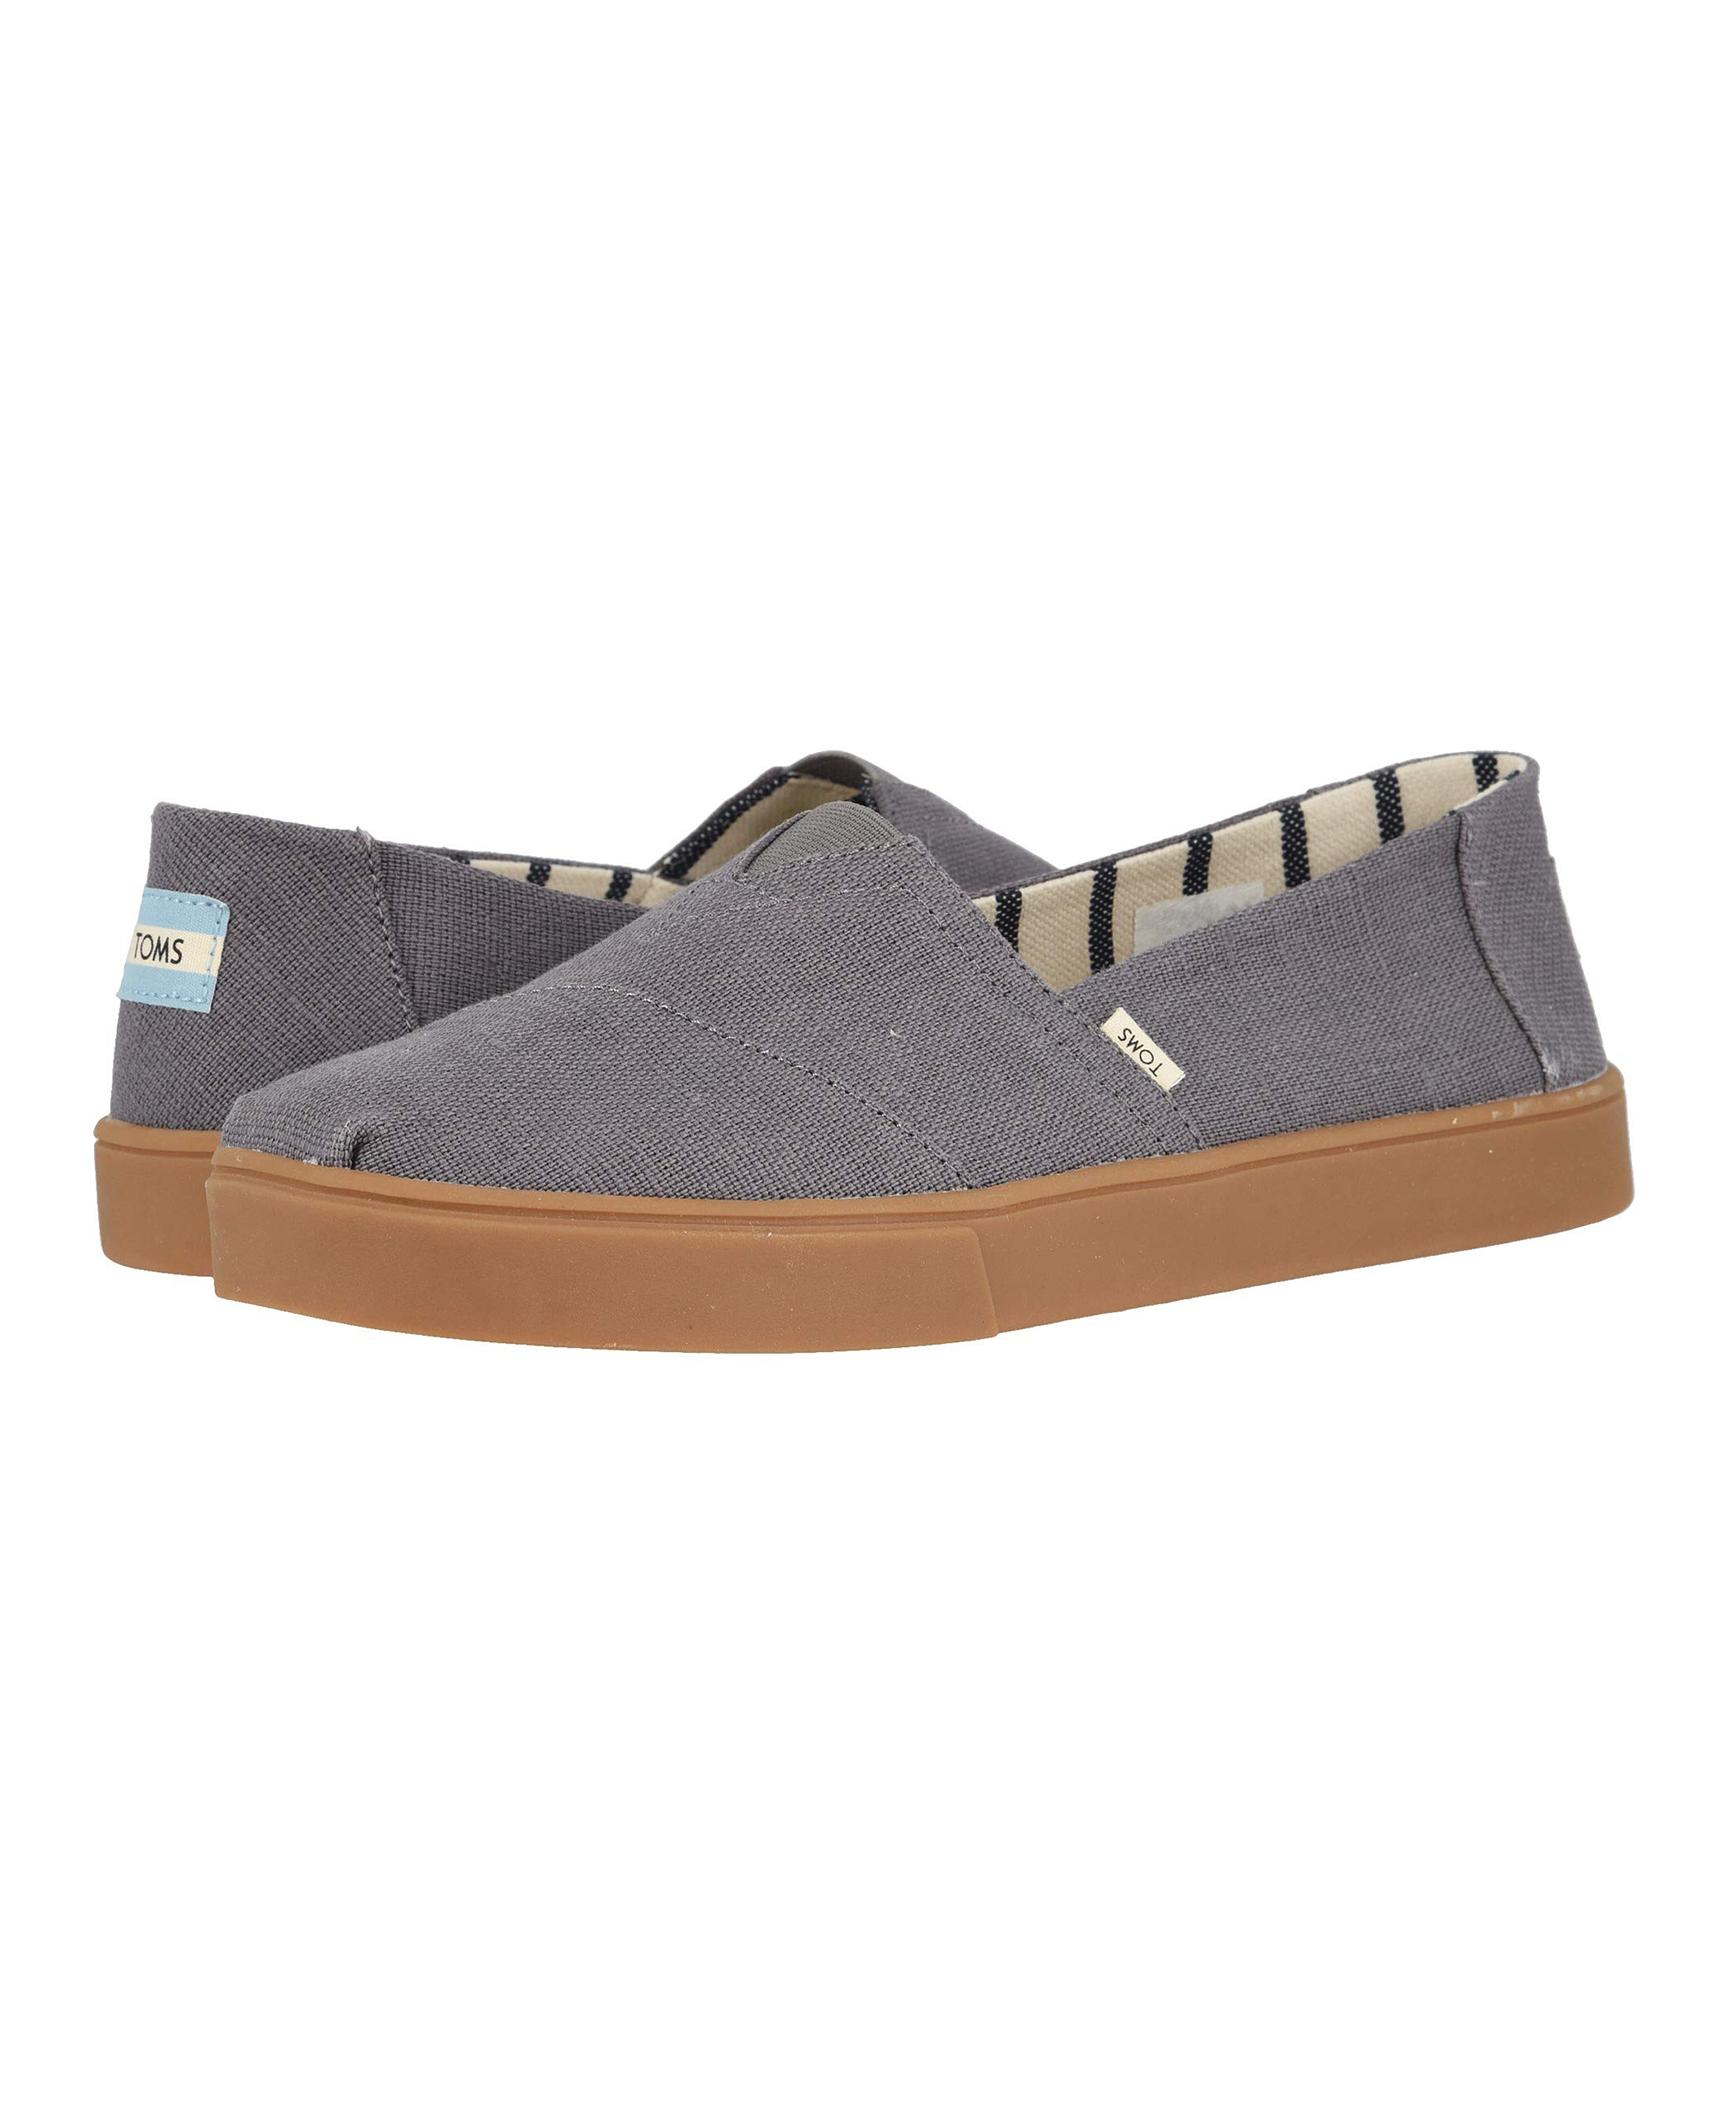 Cupsole Shoe